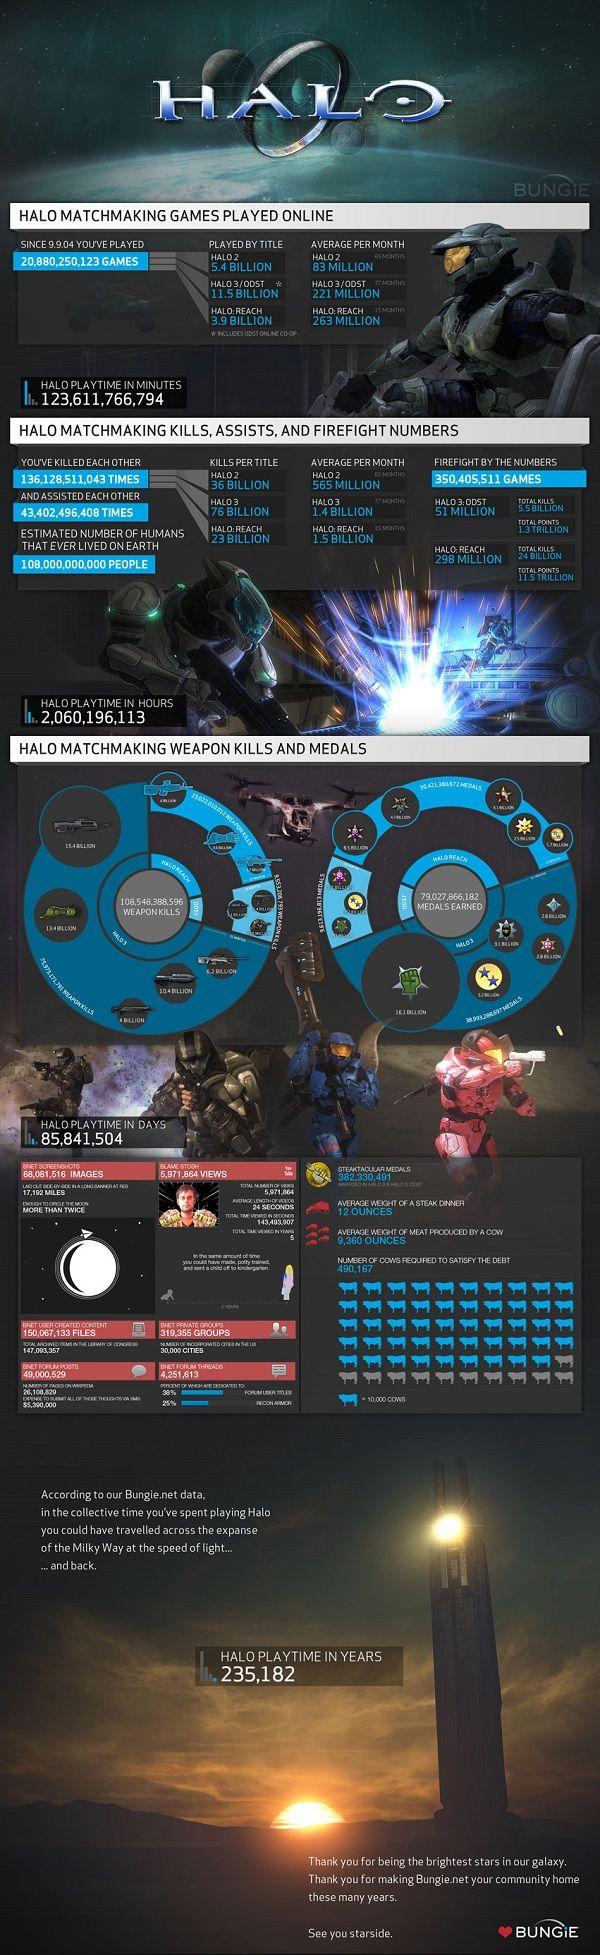 Las estadísiticas de Halo, 8 años de juego 32